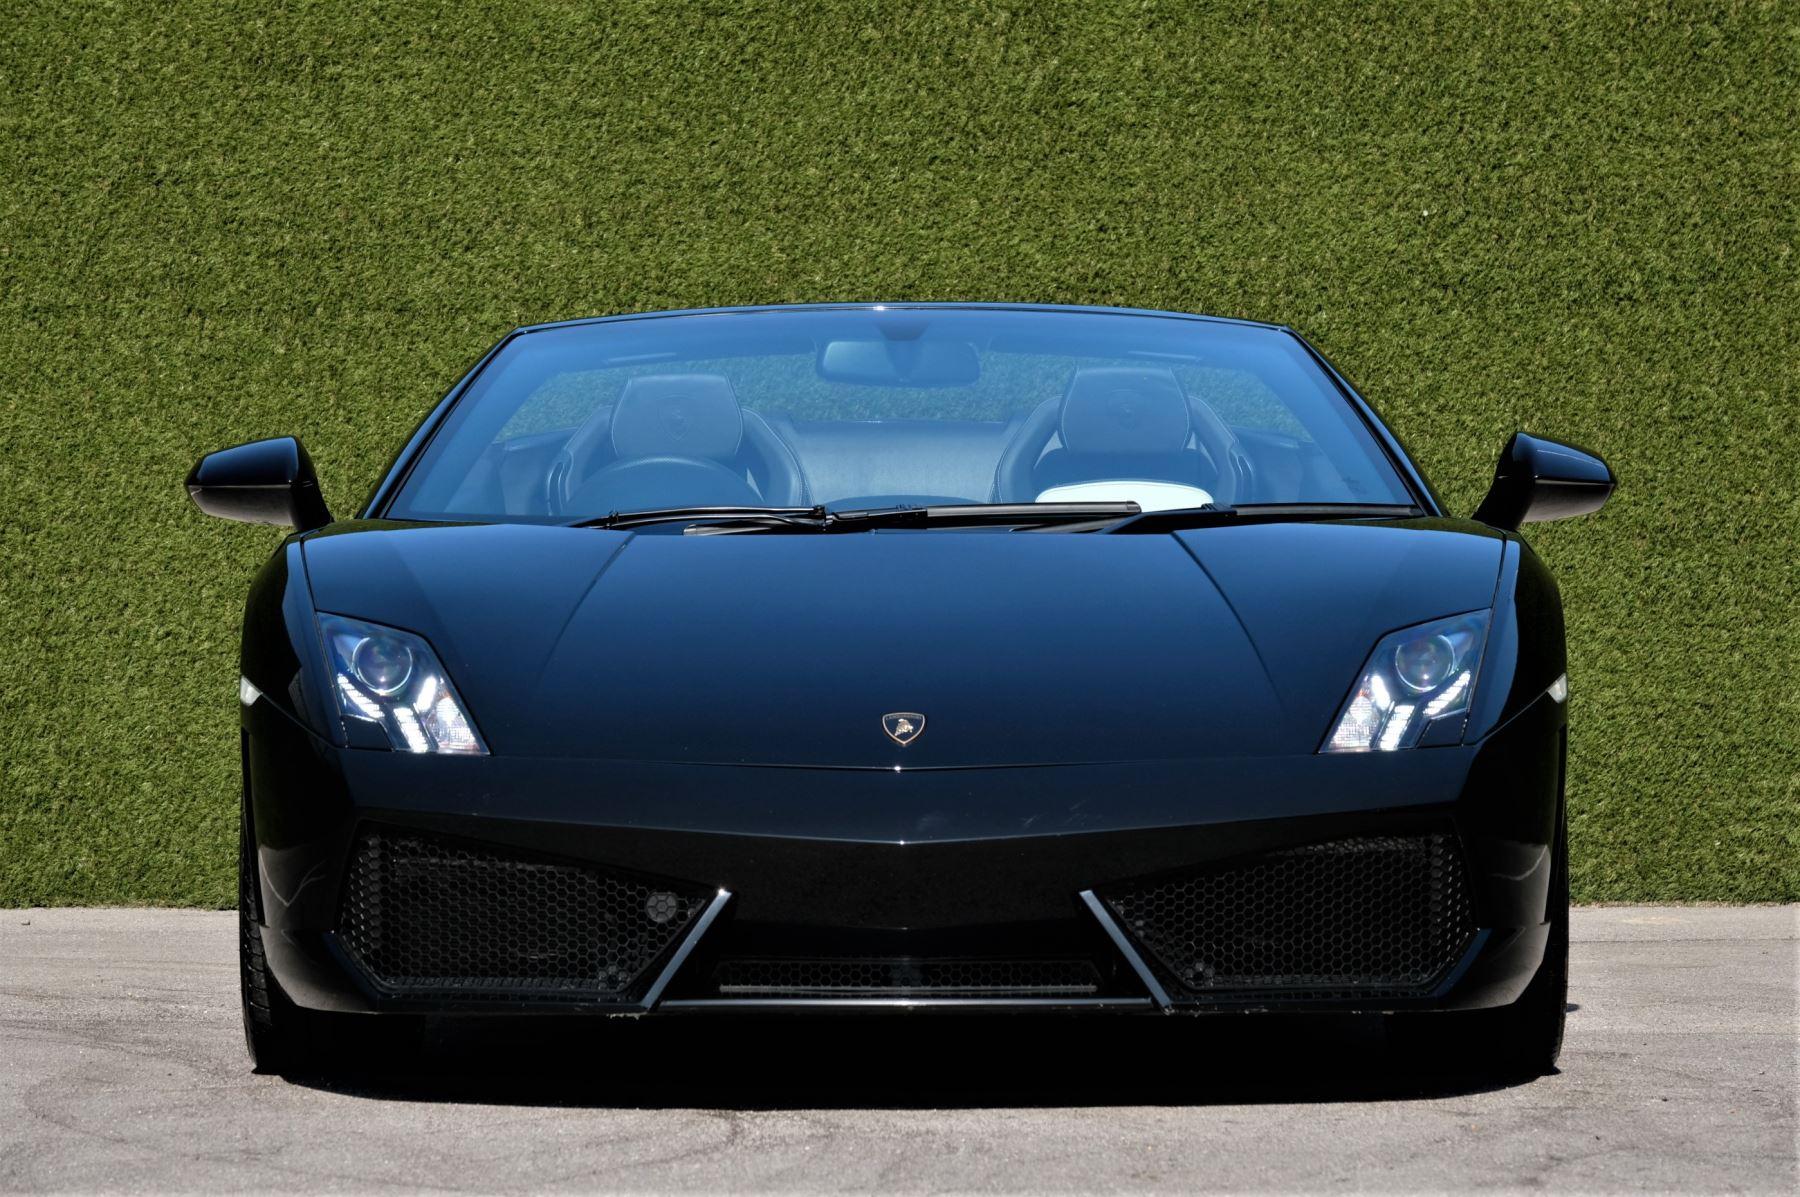 Lamborghini Gallardo LP 560-4 Spyder image 5